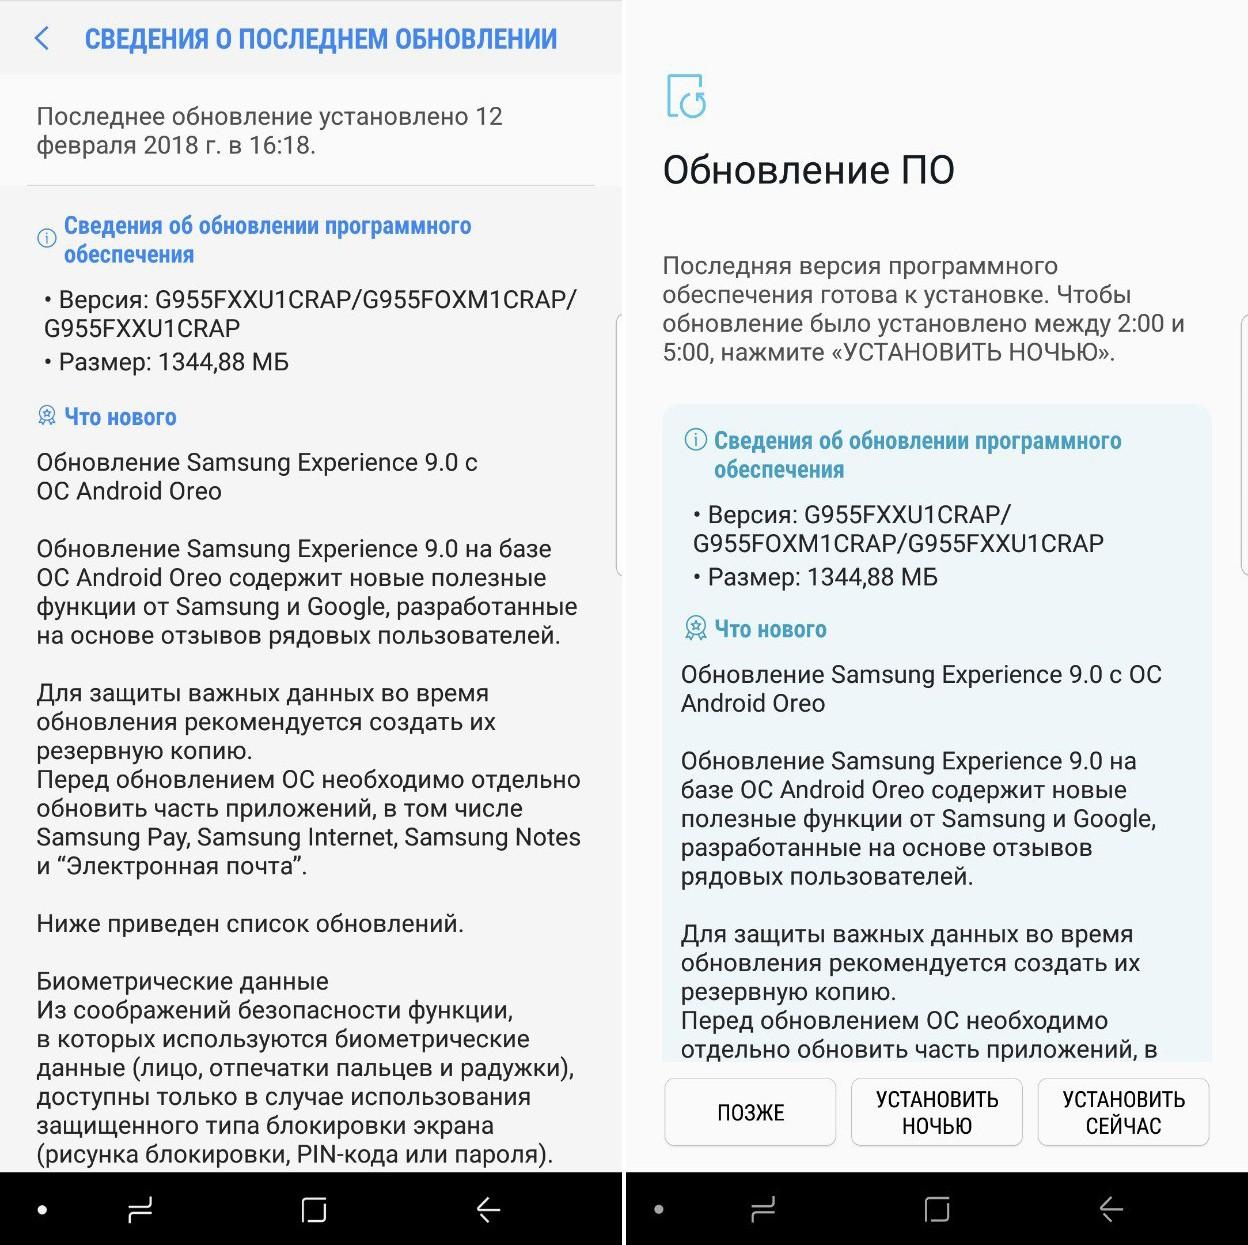 В России началось обновление Samsung Galaxy S8 и S8+ до Android Oreo1